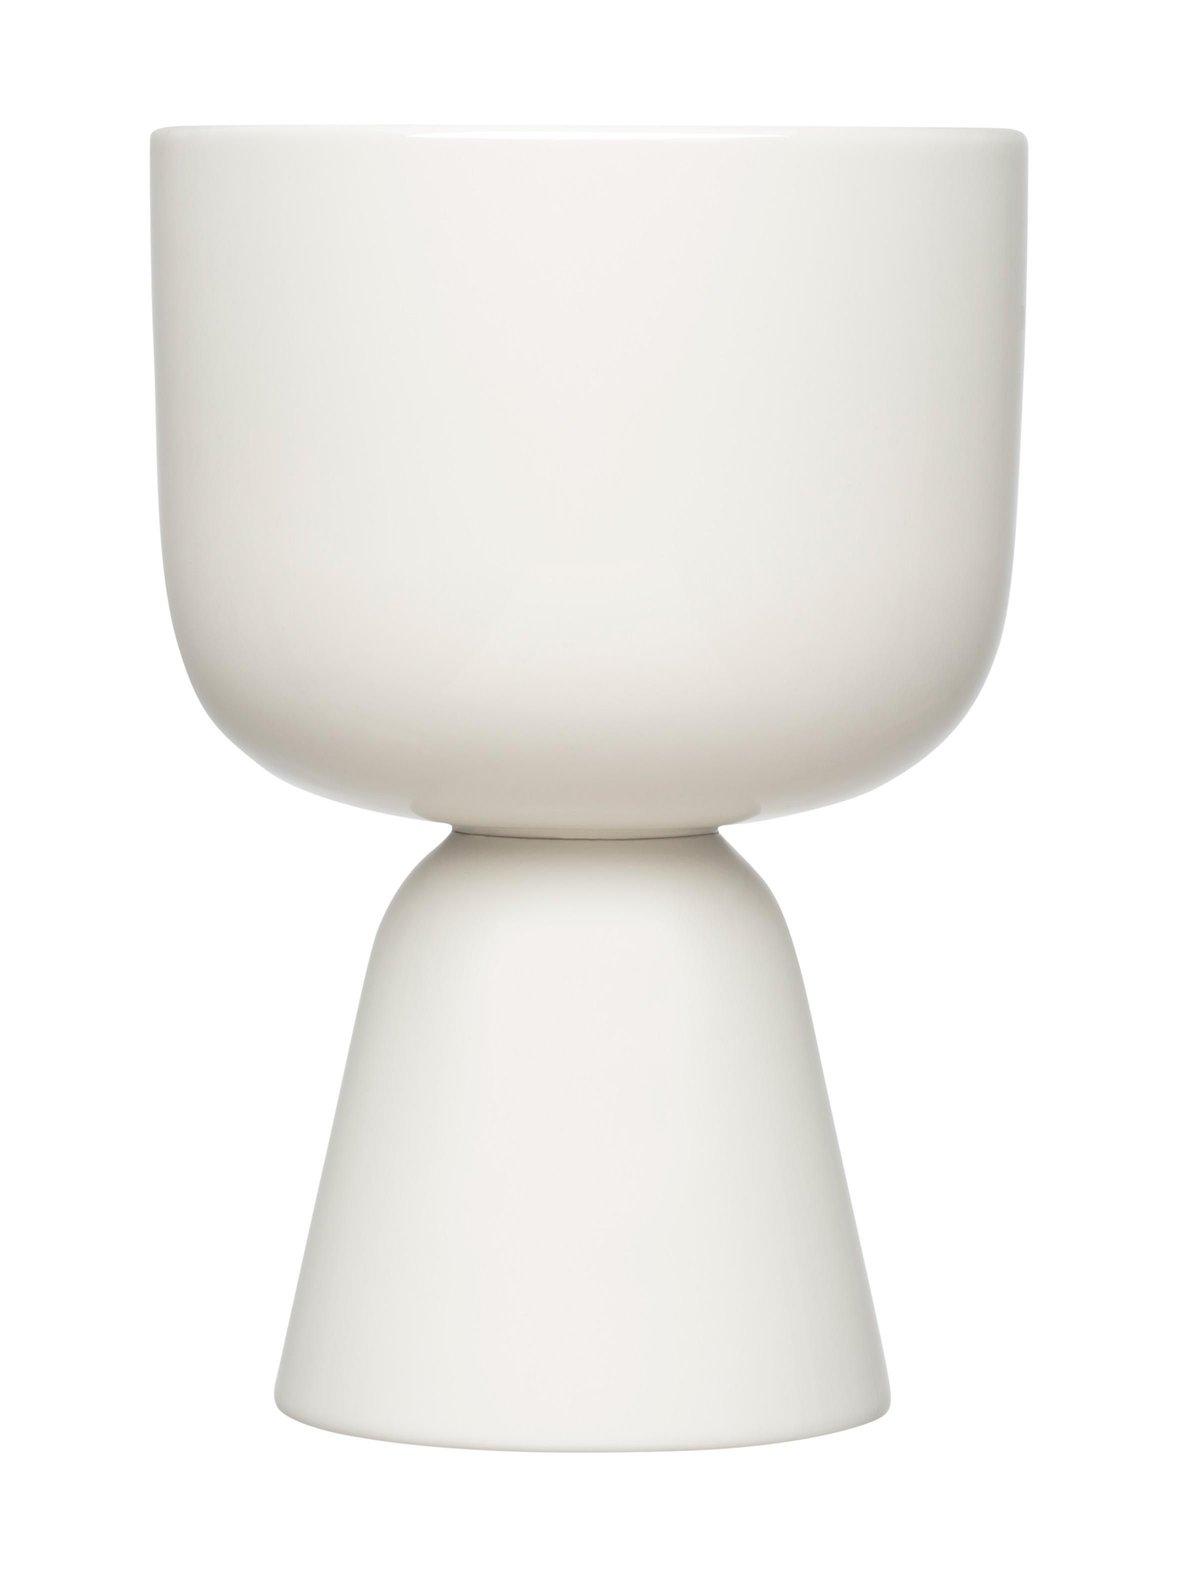 Nappula-ruukku 230 x 155 mm, Iittala